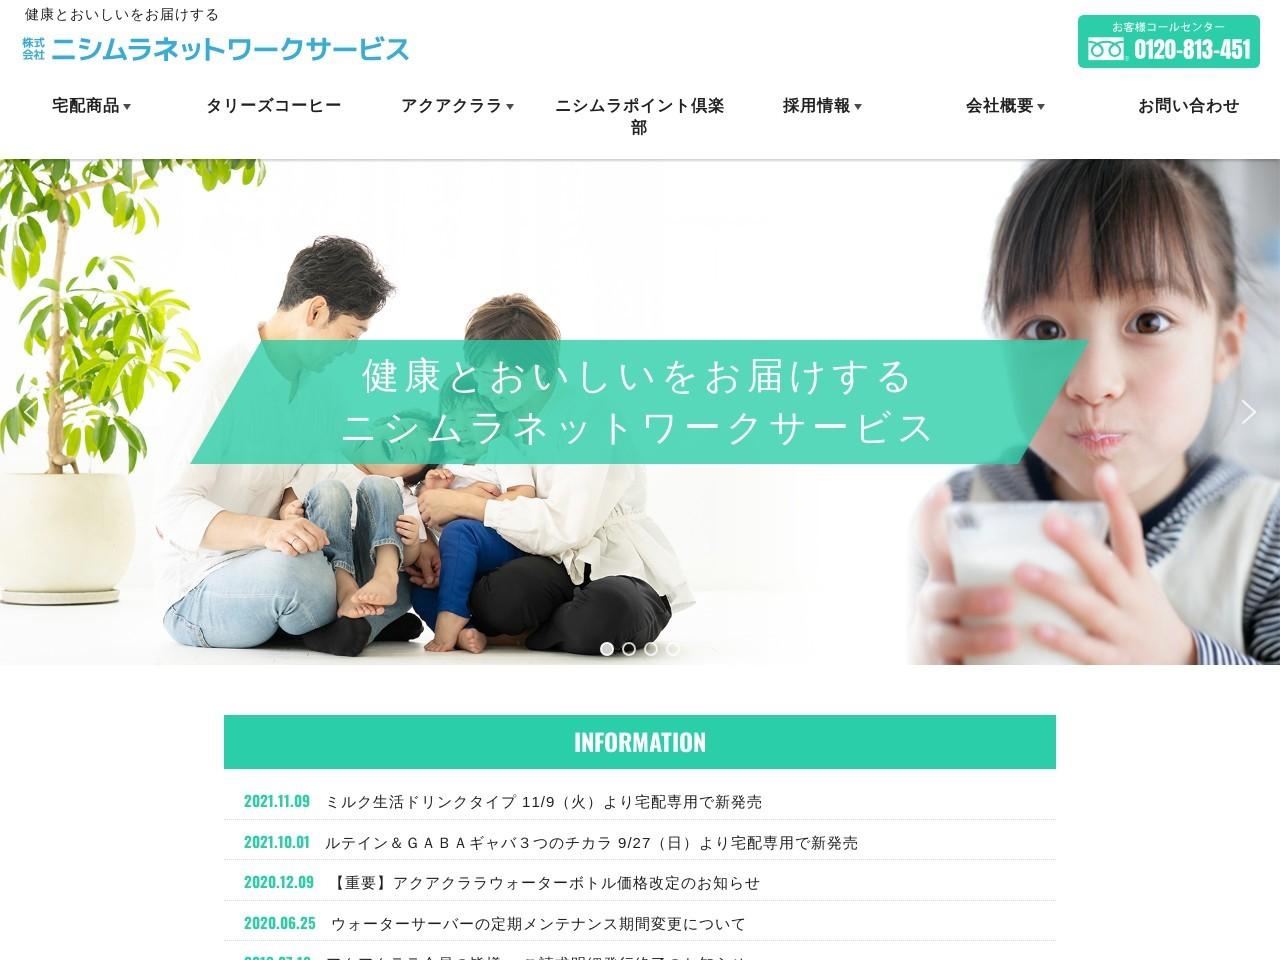 株式会社ニシムラネットワークサービス